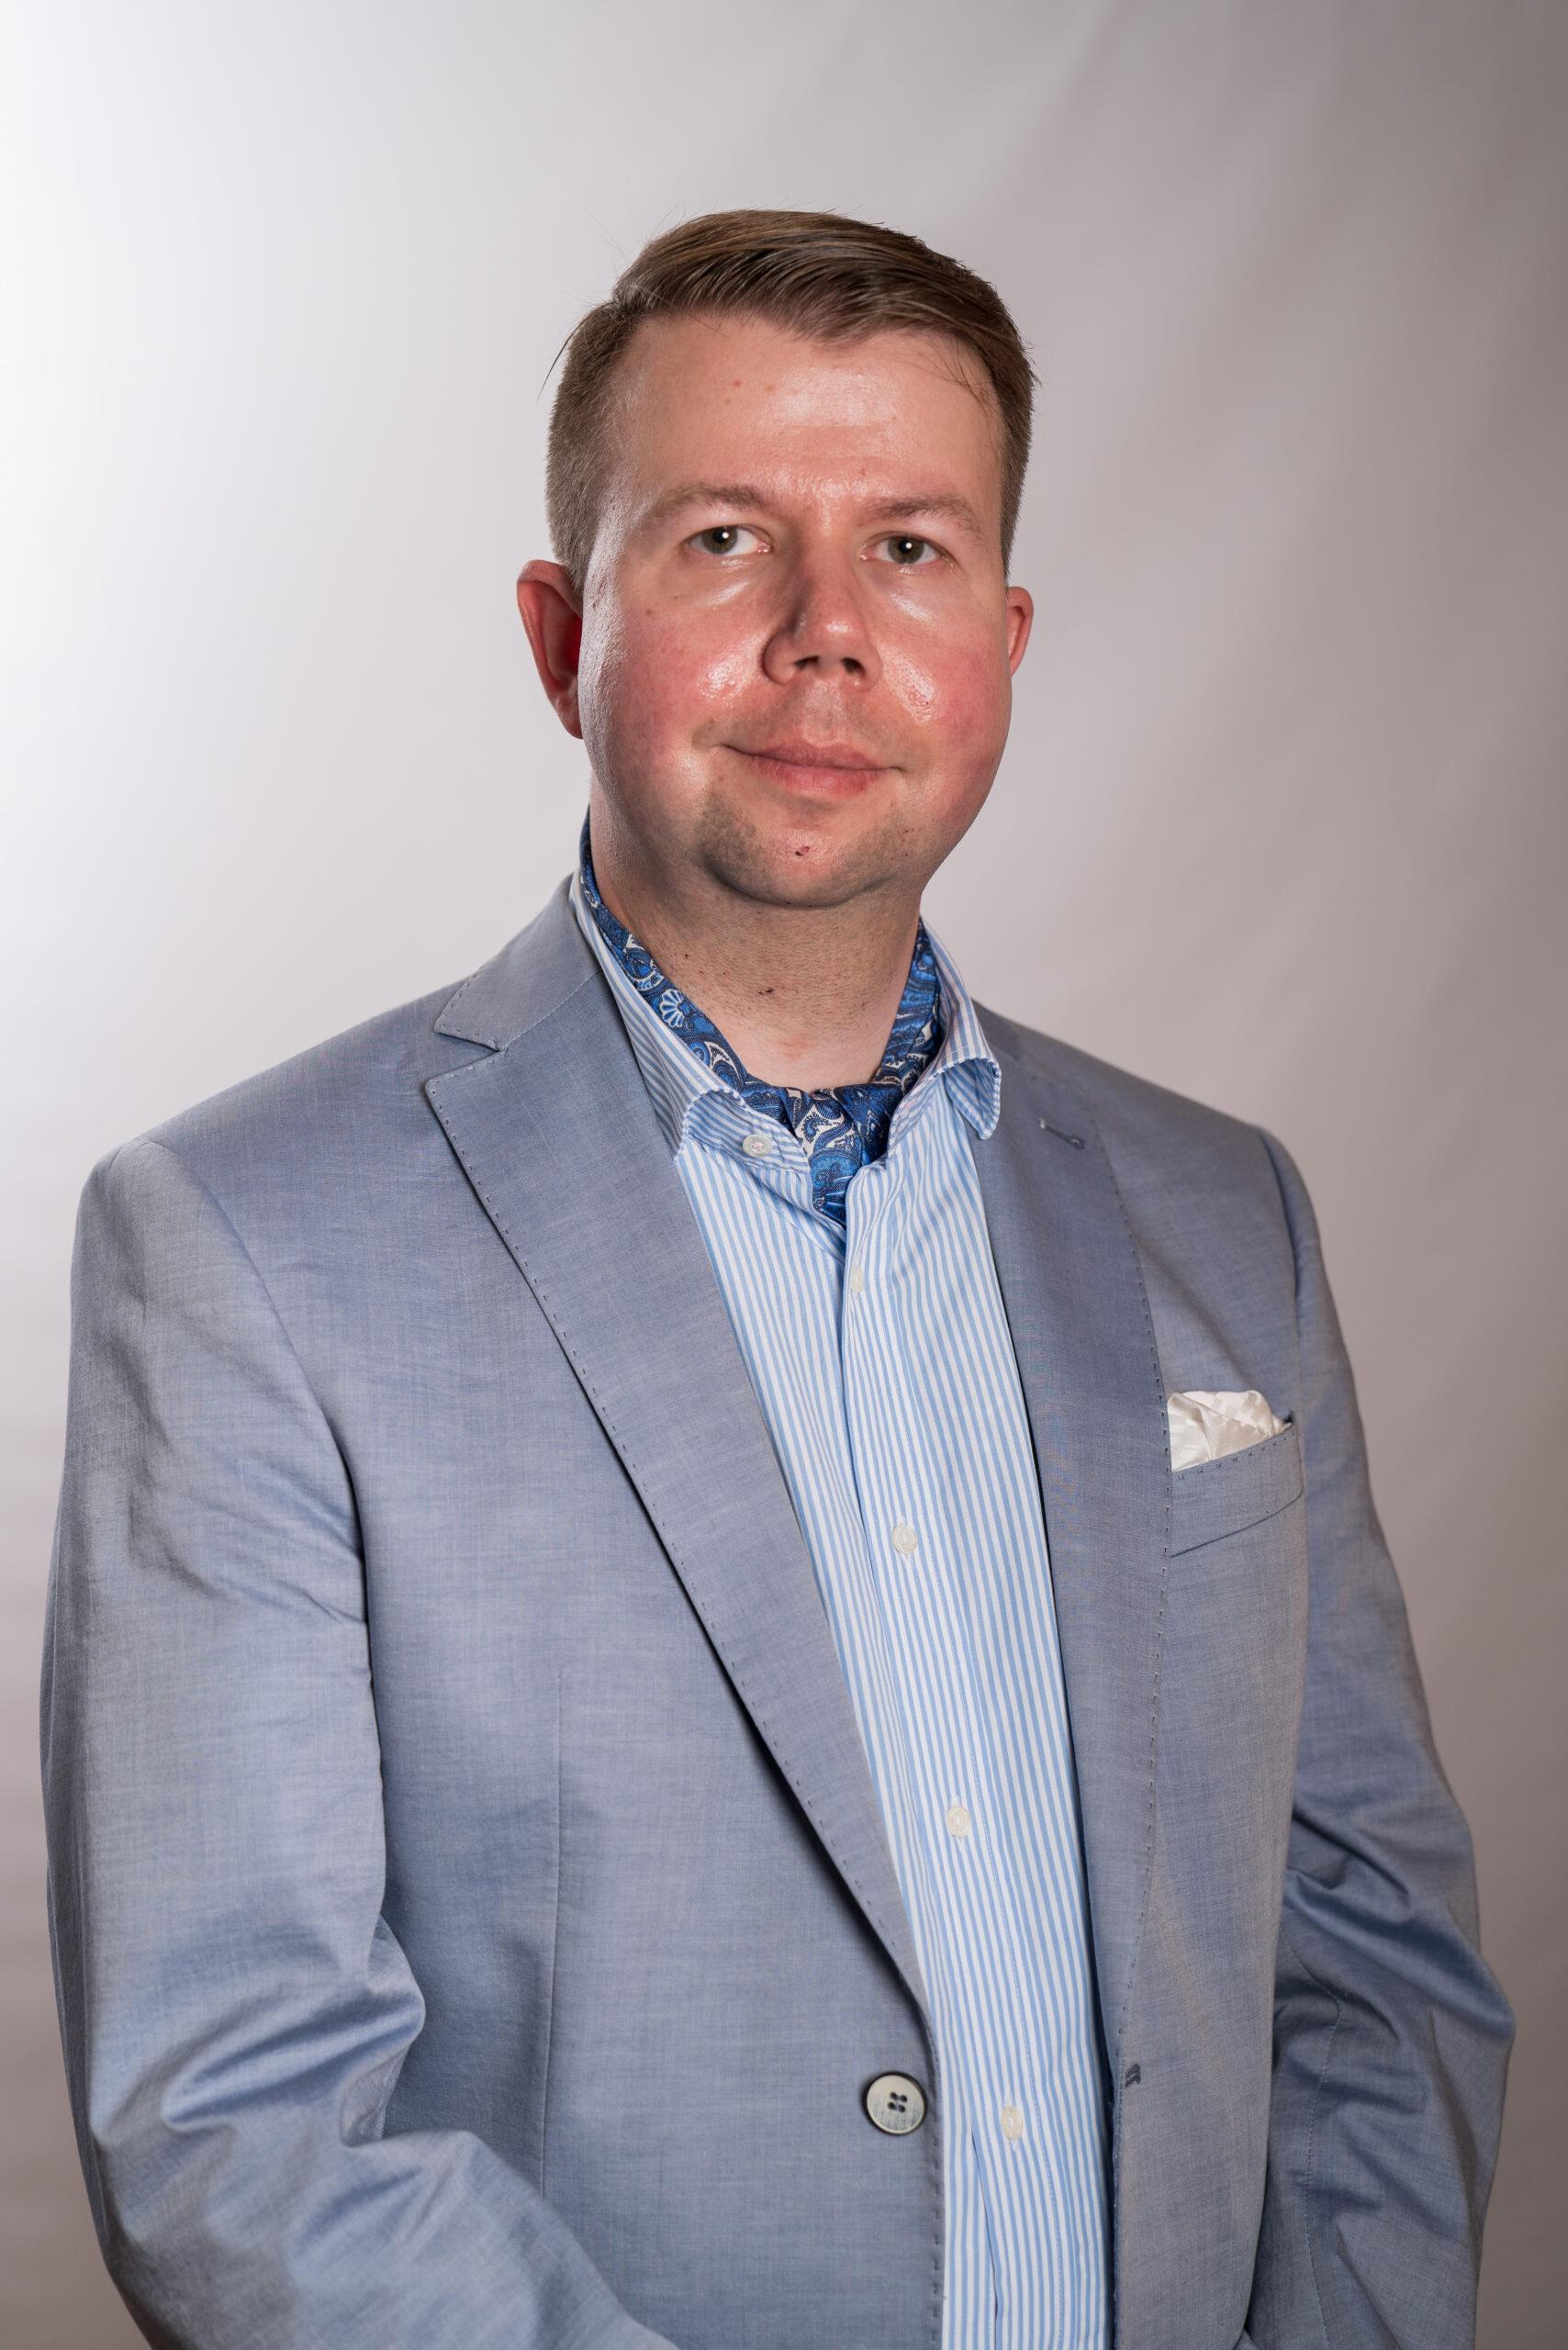 David Ruprecht